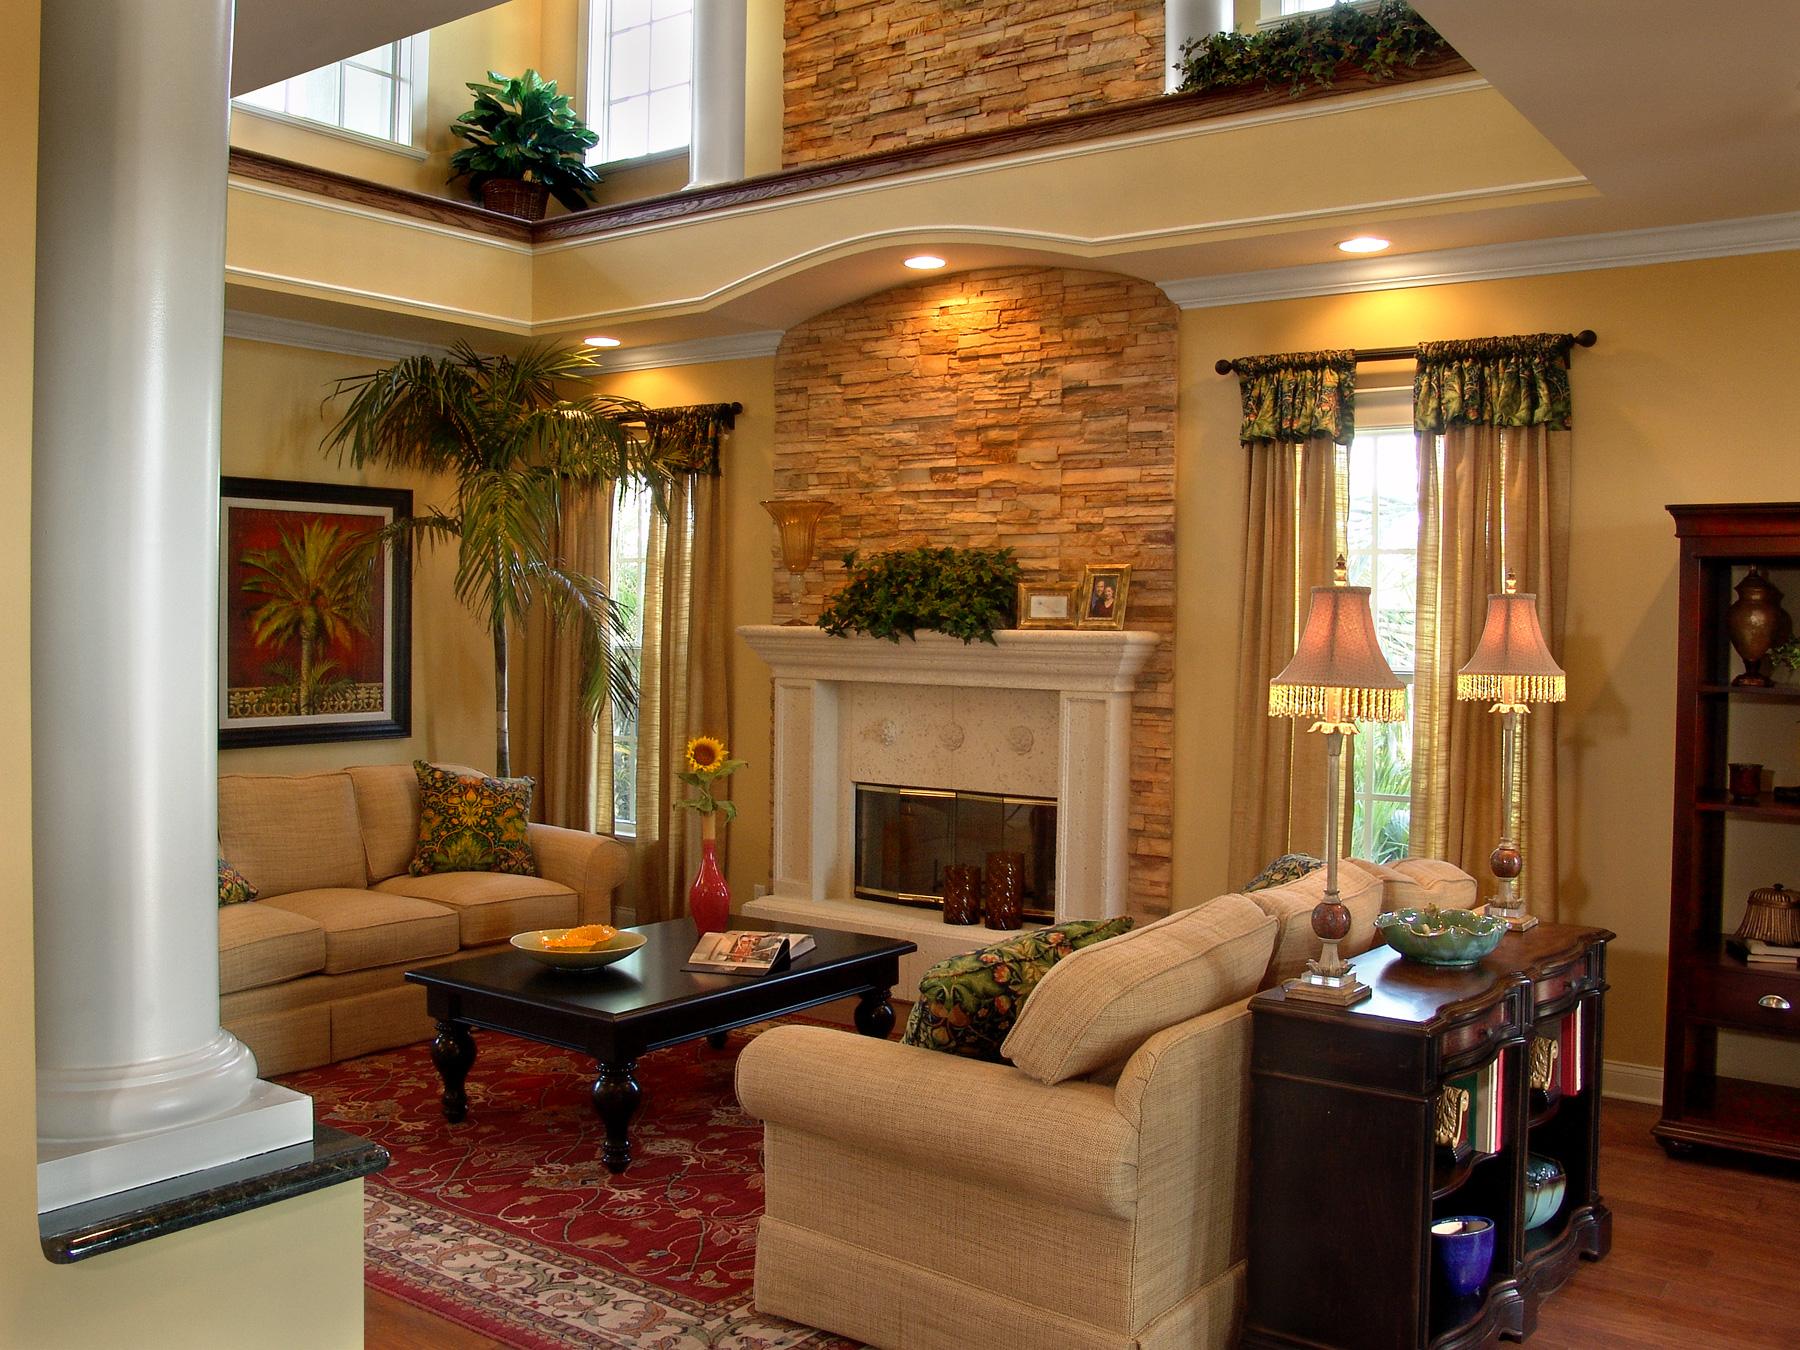 Pintura y decoraci n de interiores for Decoracion de interiores zona sur